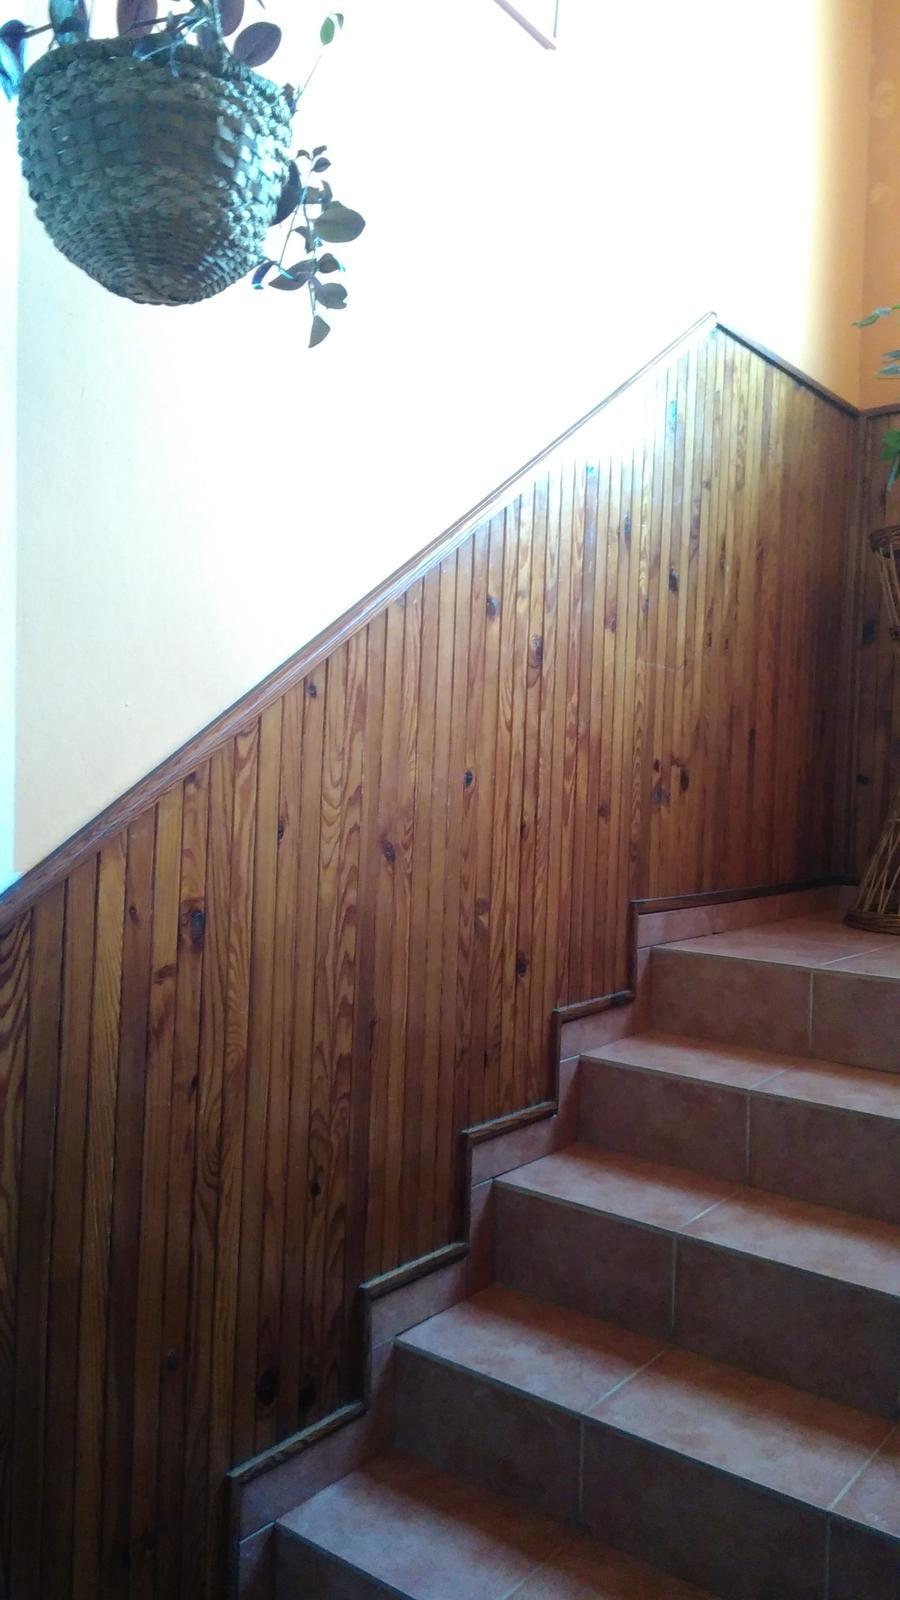 Máme na schodisku drevený... - Obrázok č. 2